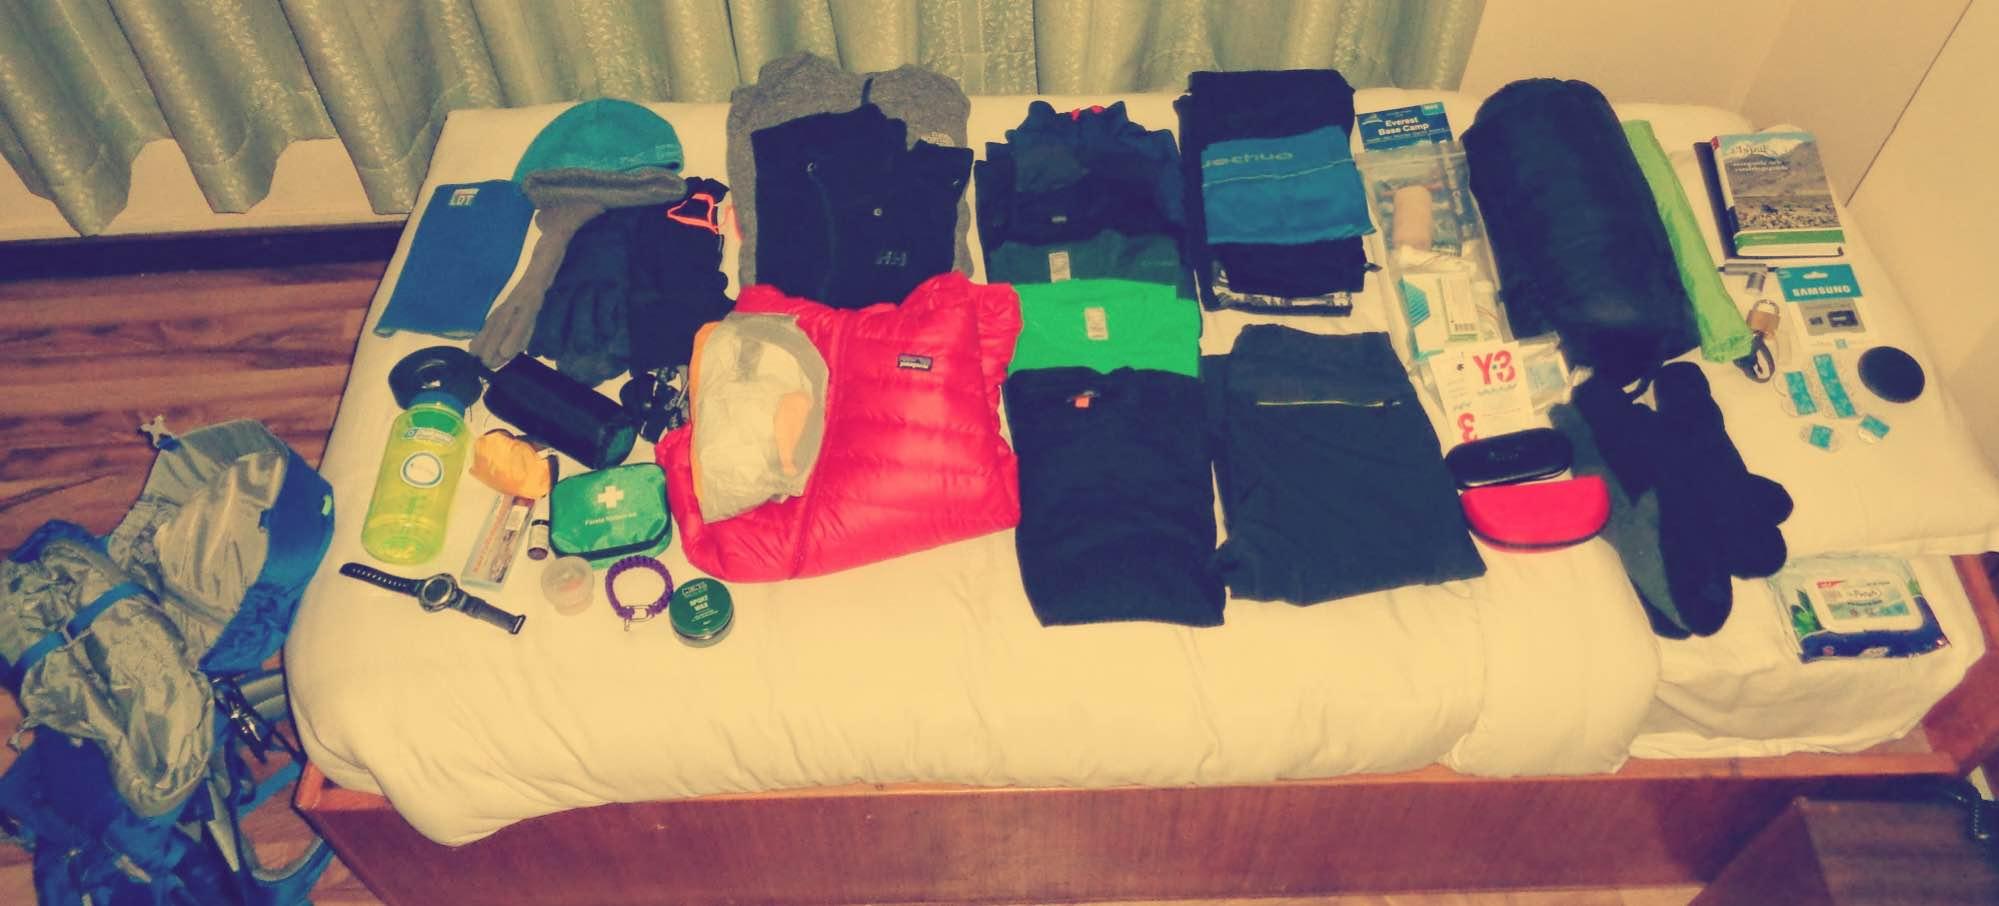 Genomgång av packning på hotellrum i Katmandu. Här är sista chansen att lämna kvar onödiga extrakilon innan avfärd. Foto: Clarence Frenker